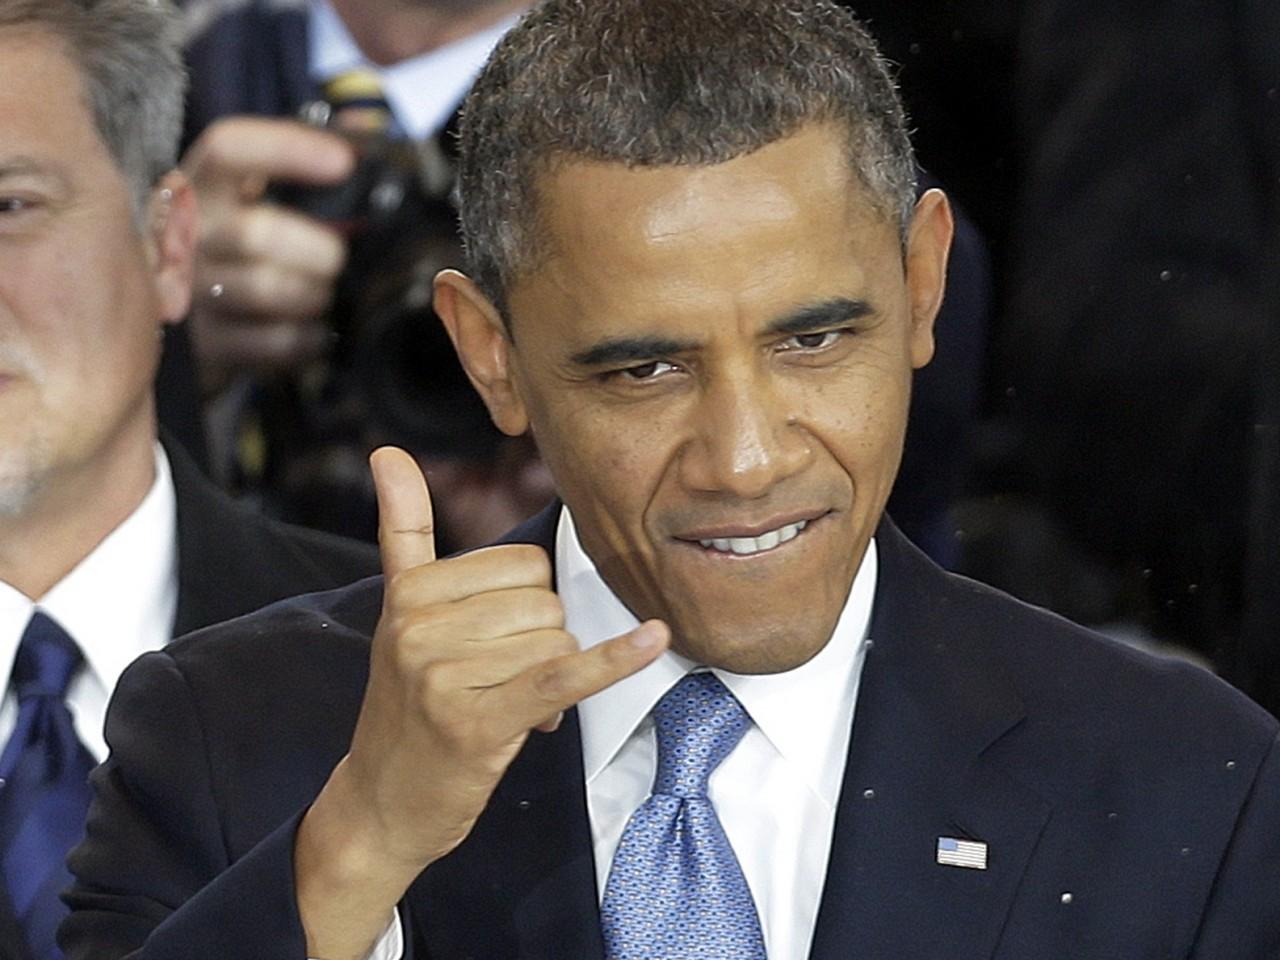 Obama pumped